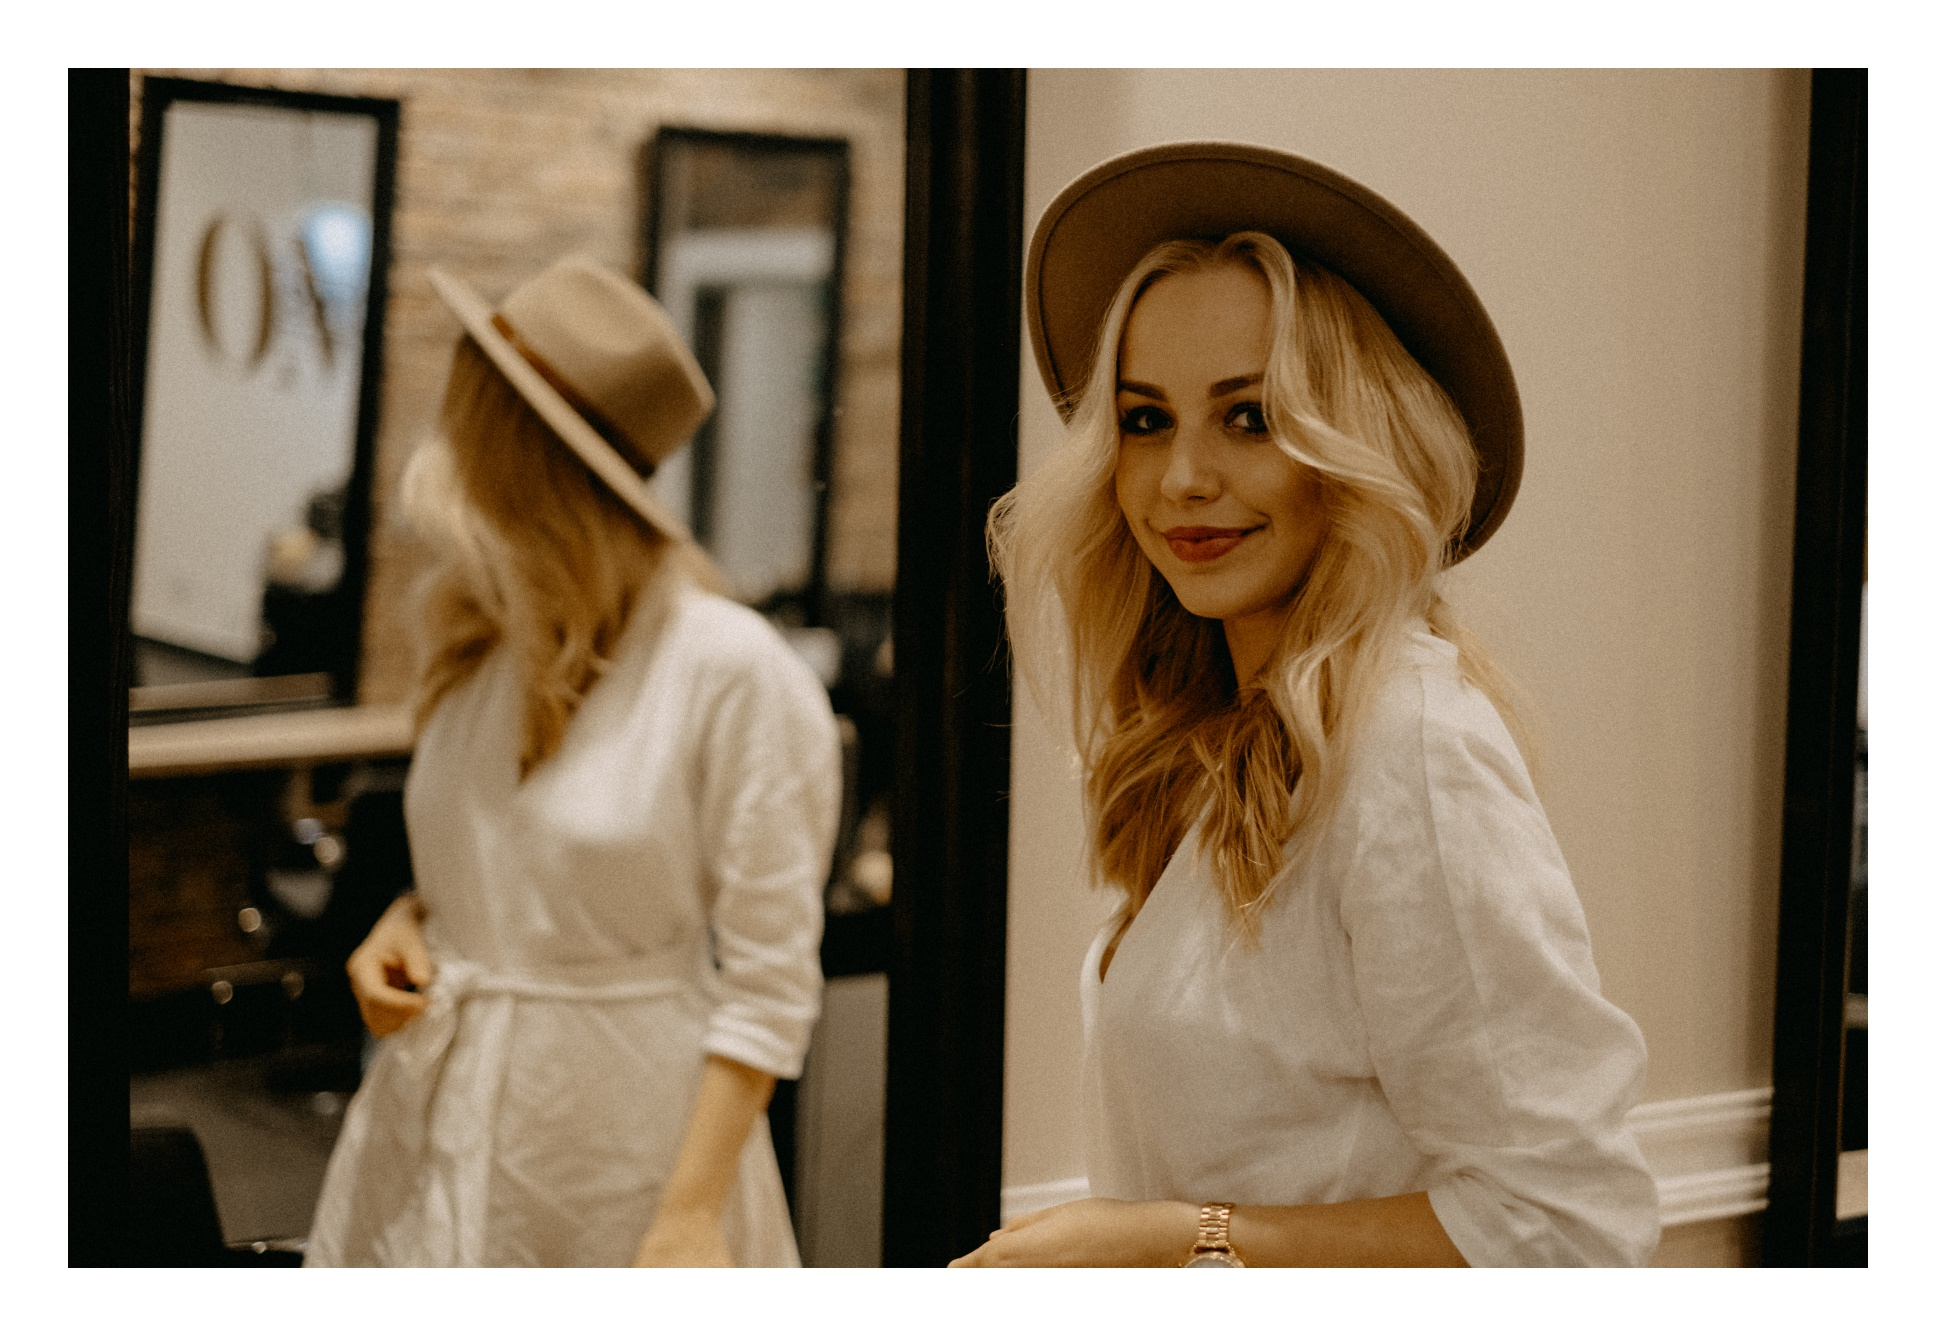 włosy blond, kapelusz recenzja omh